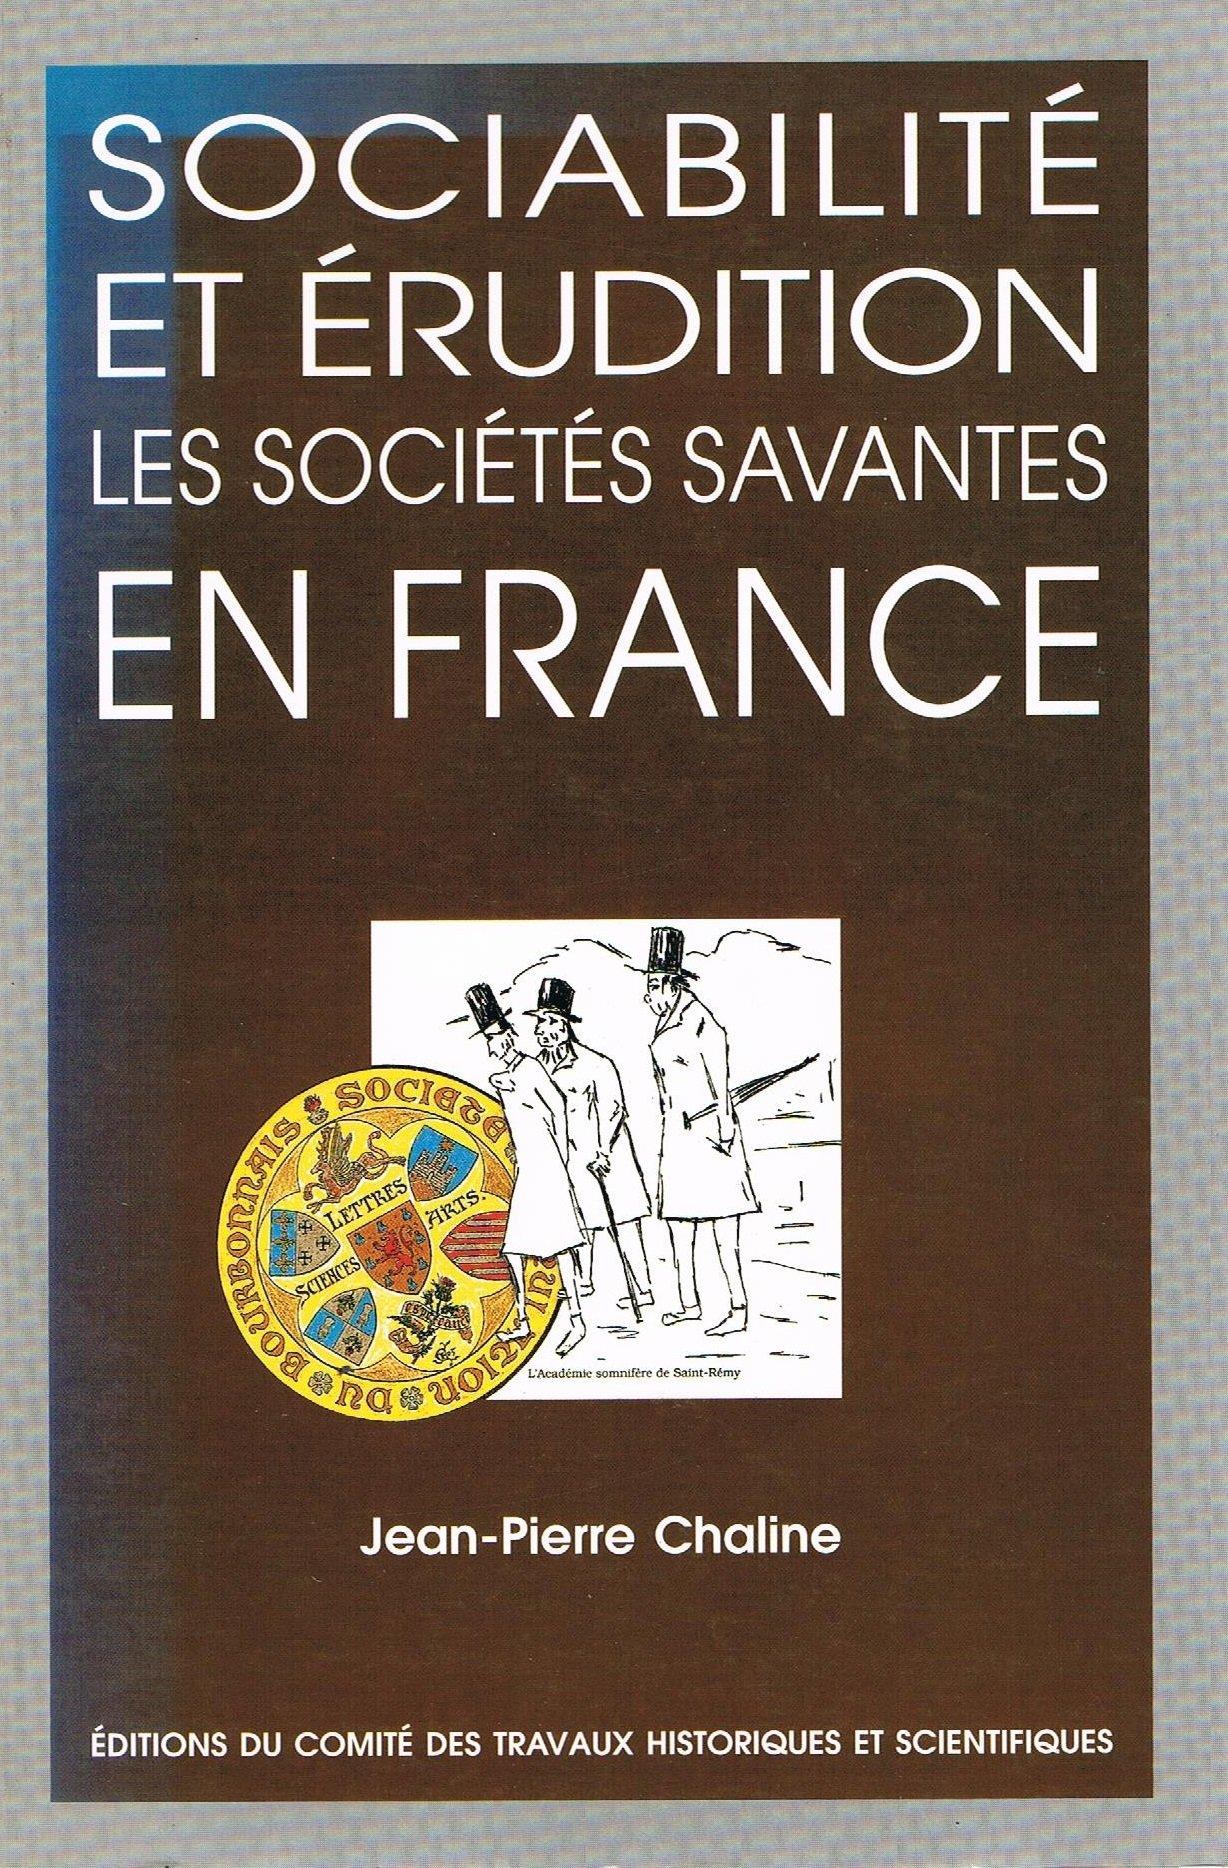 Sociabilité et érudition : les sociétés savantes en France : XIXe-XXe siècles | Chaline, Jean-Pierre